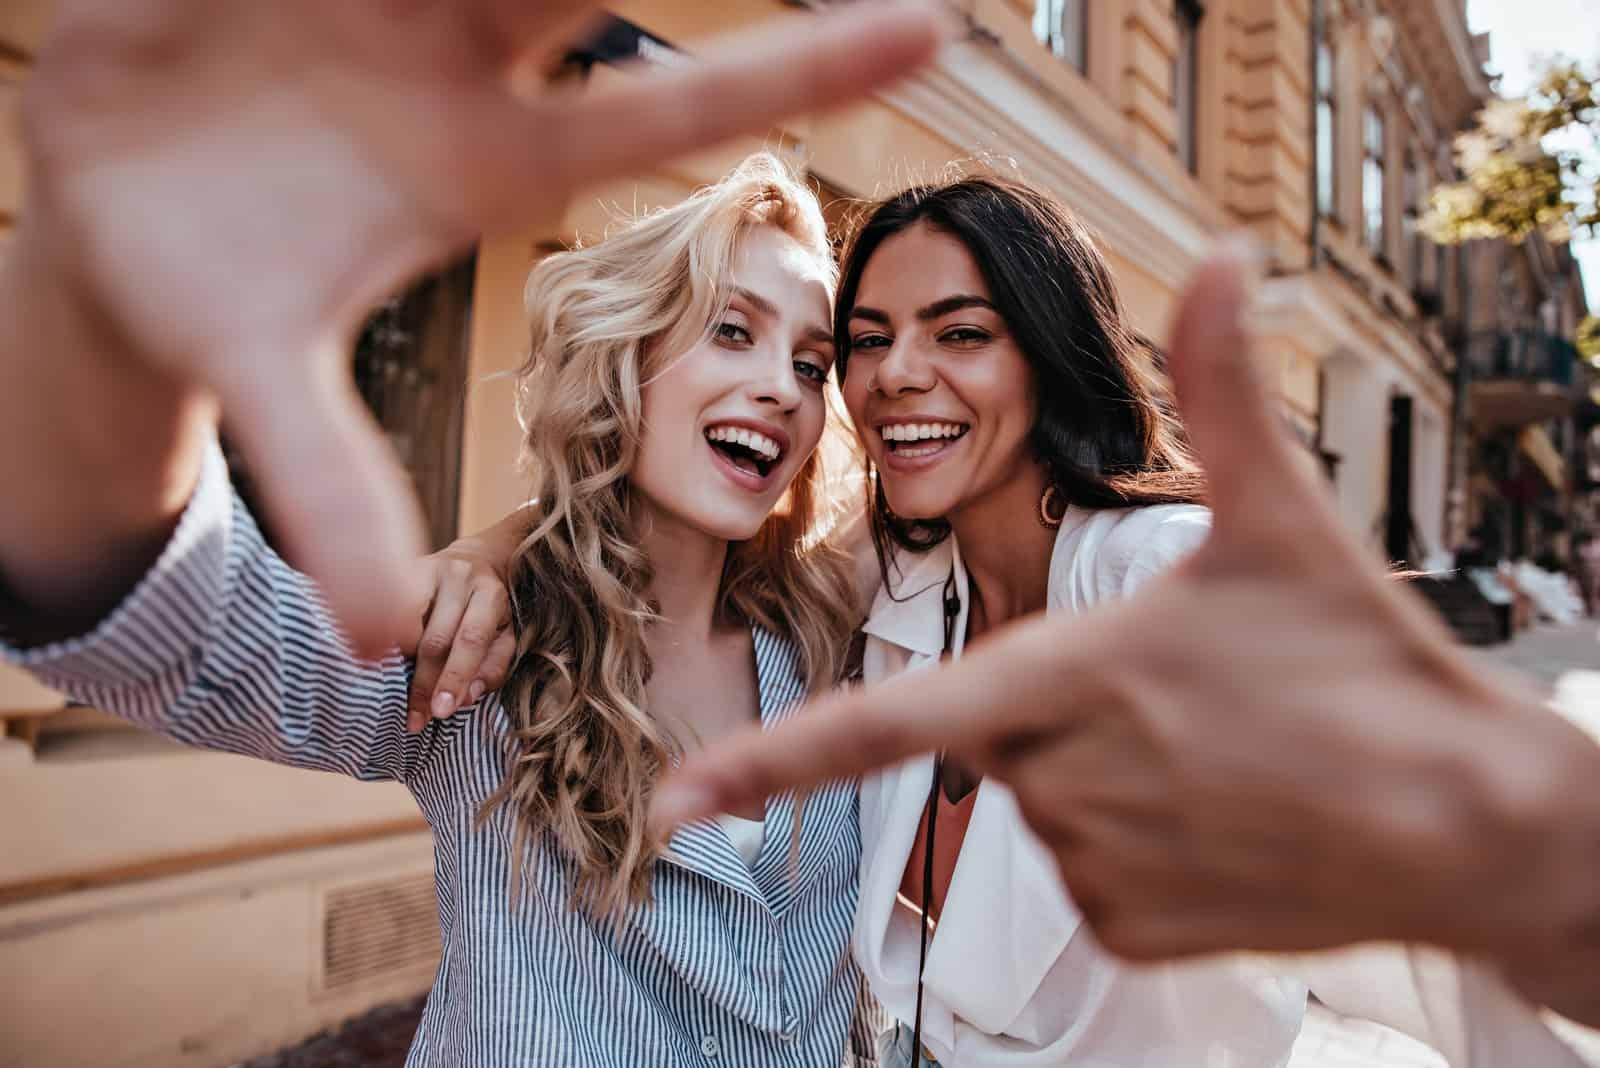 deux femmes souriantes prennent des photos